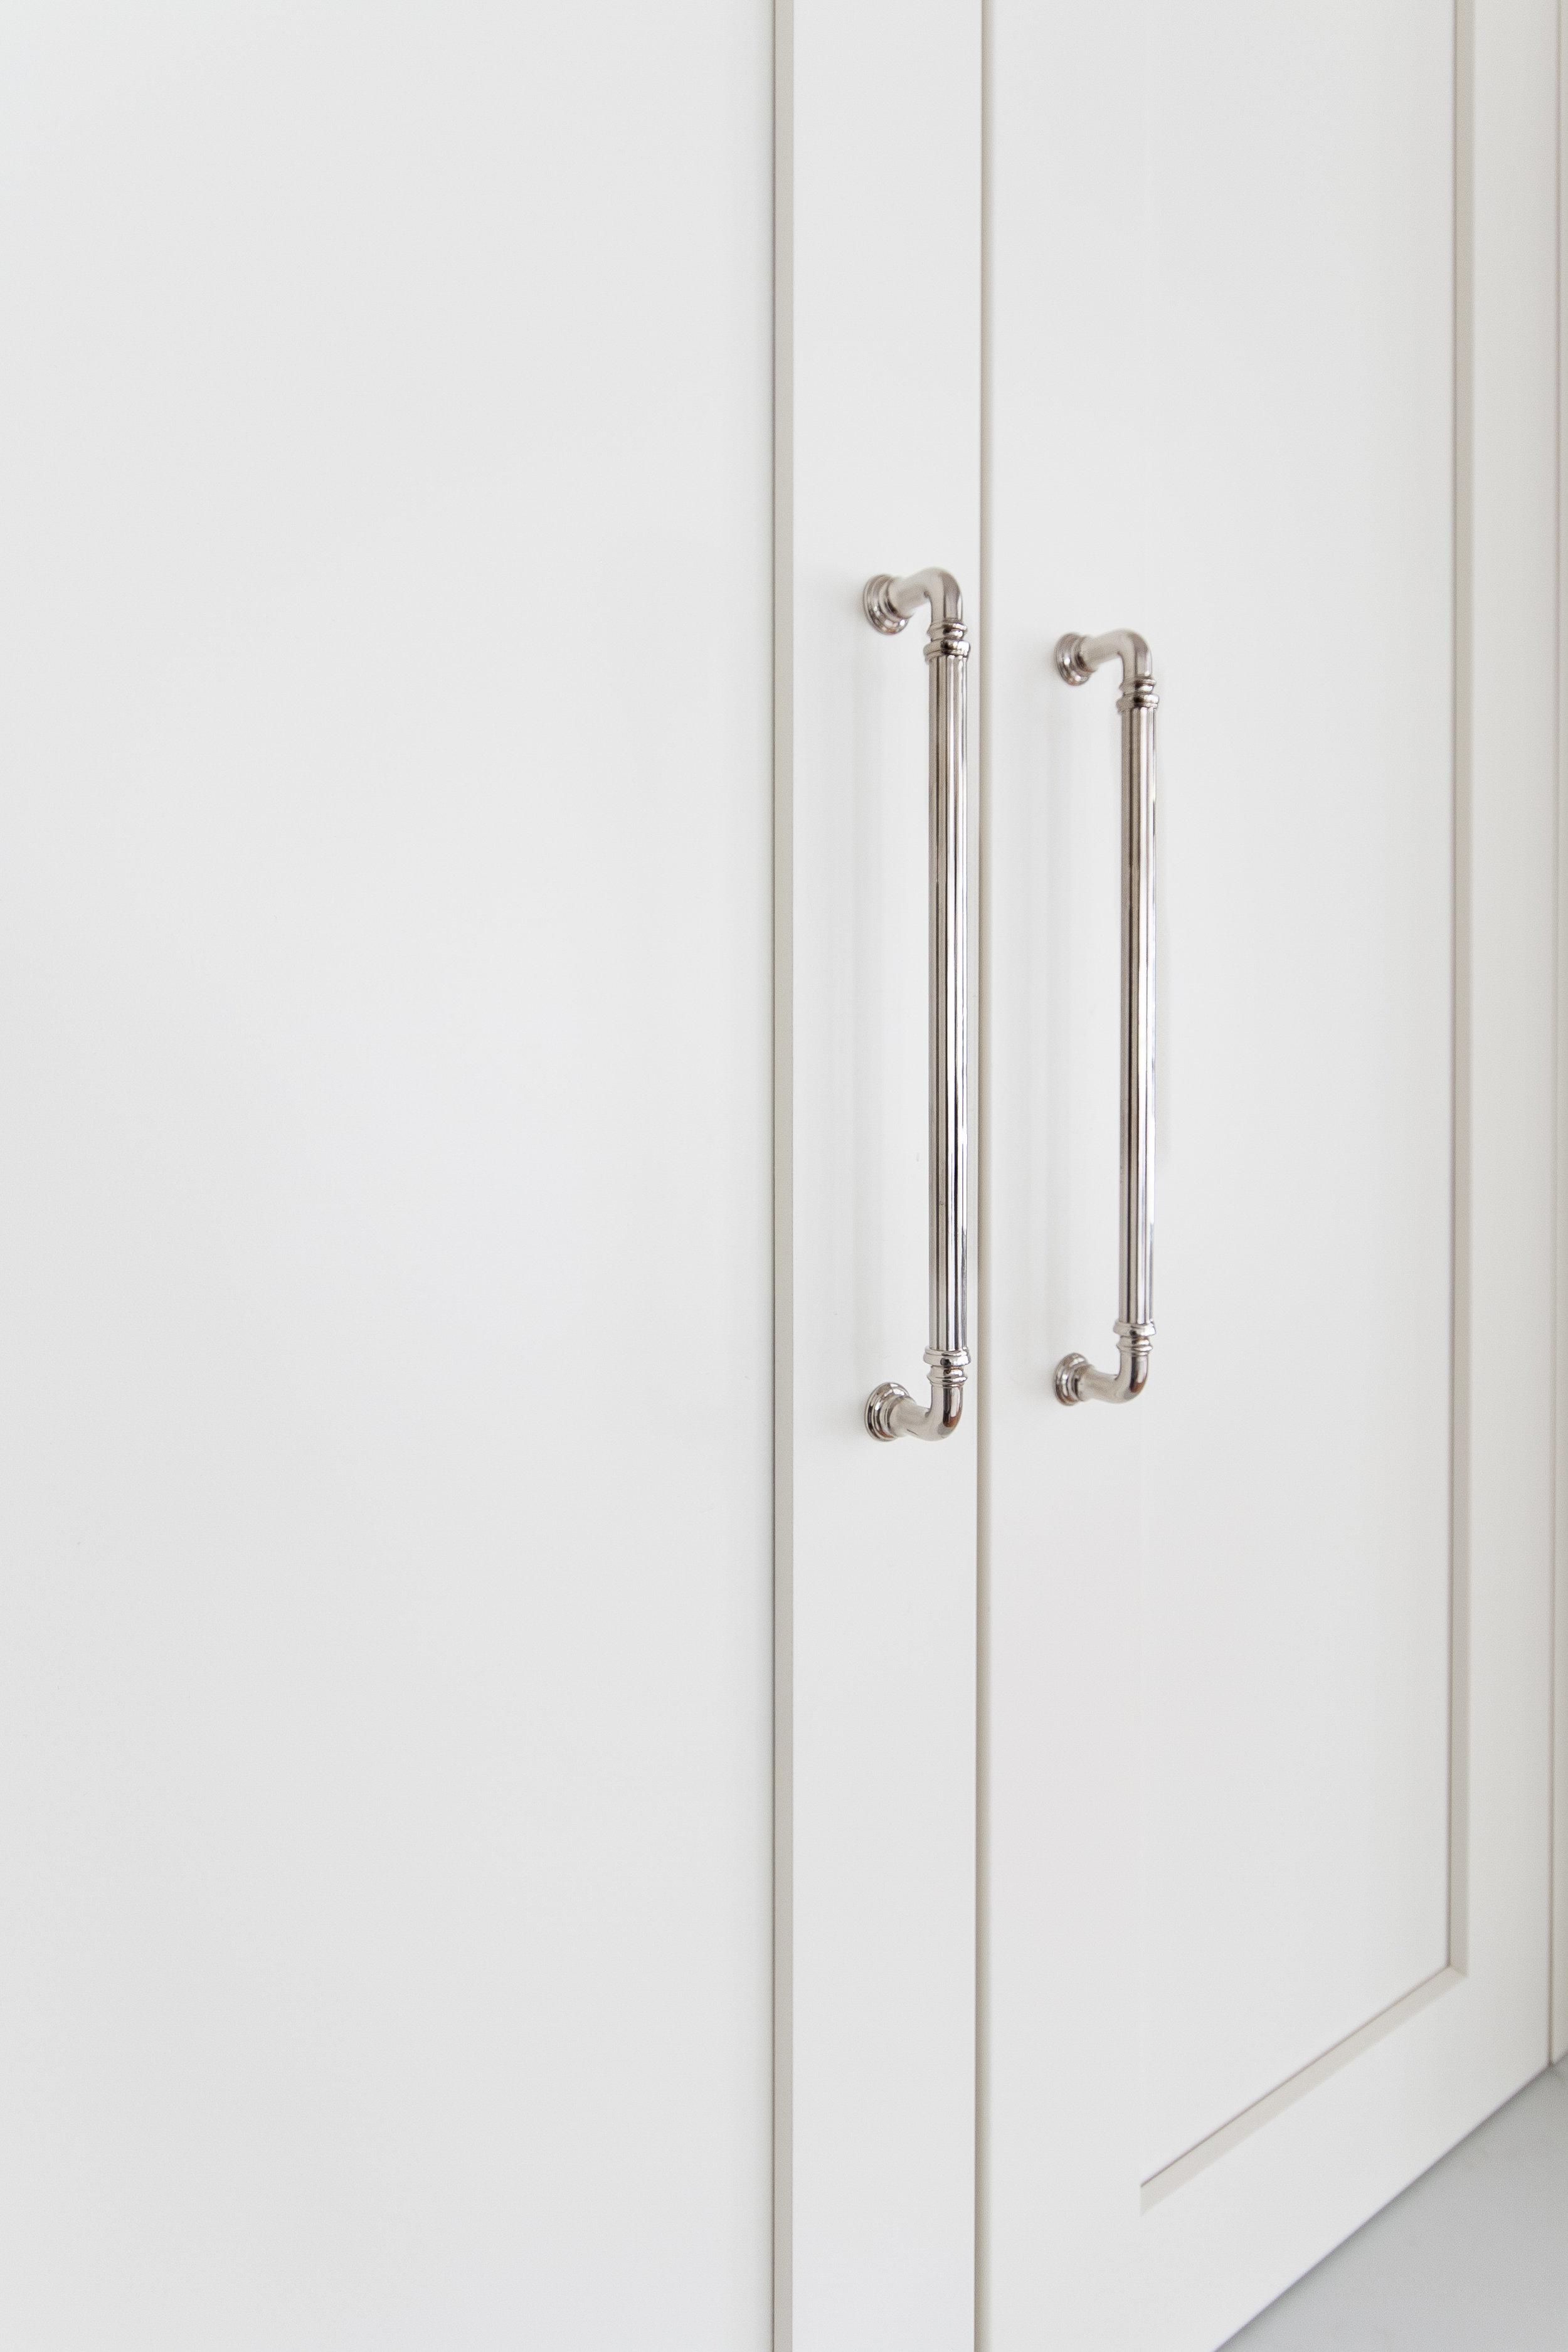 Elegant fluting on the polished nickel cabinet hardware.